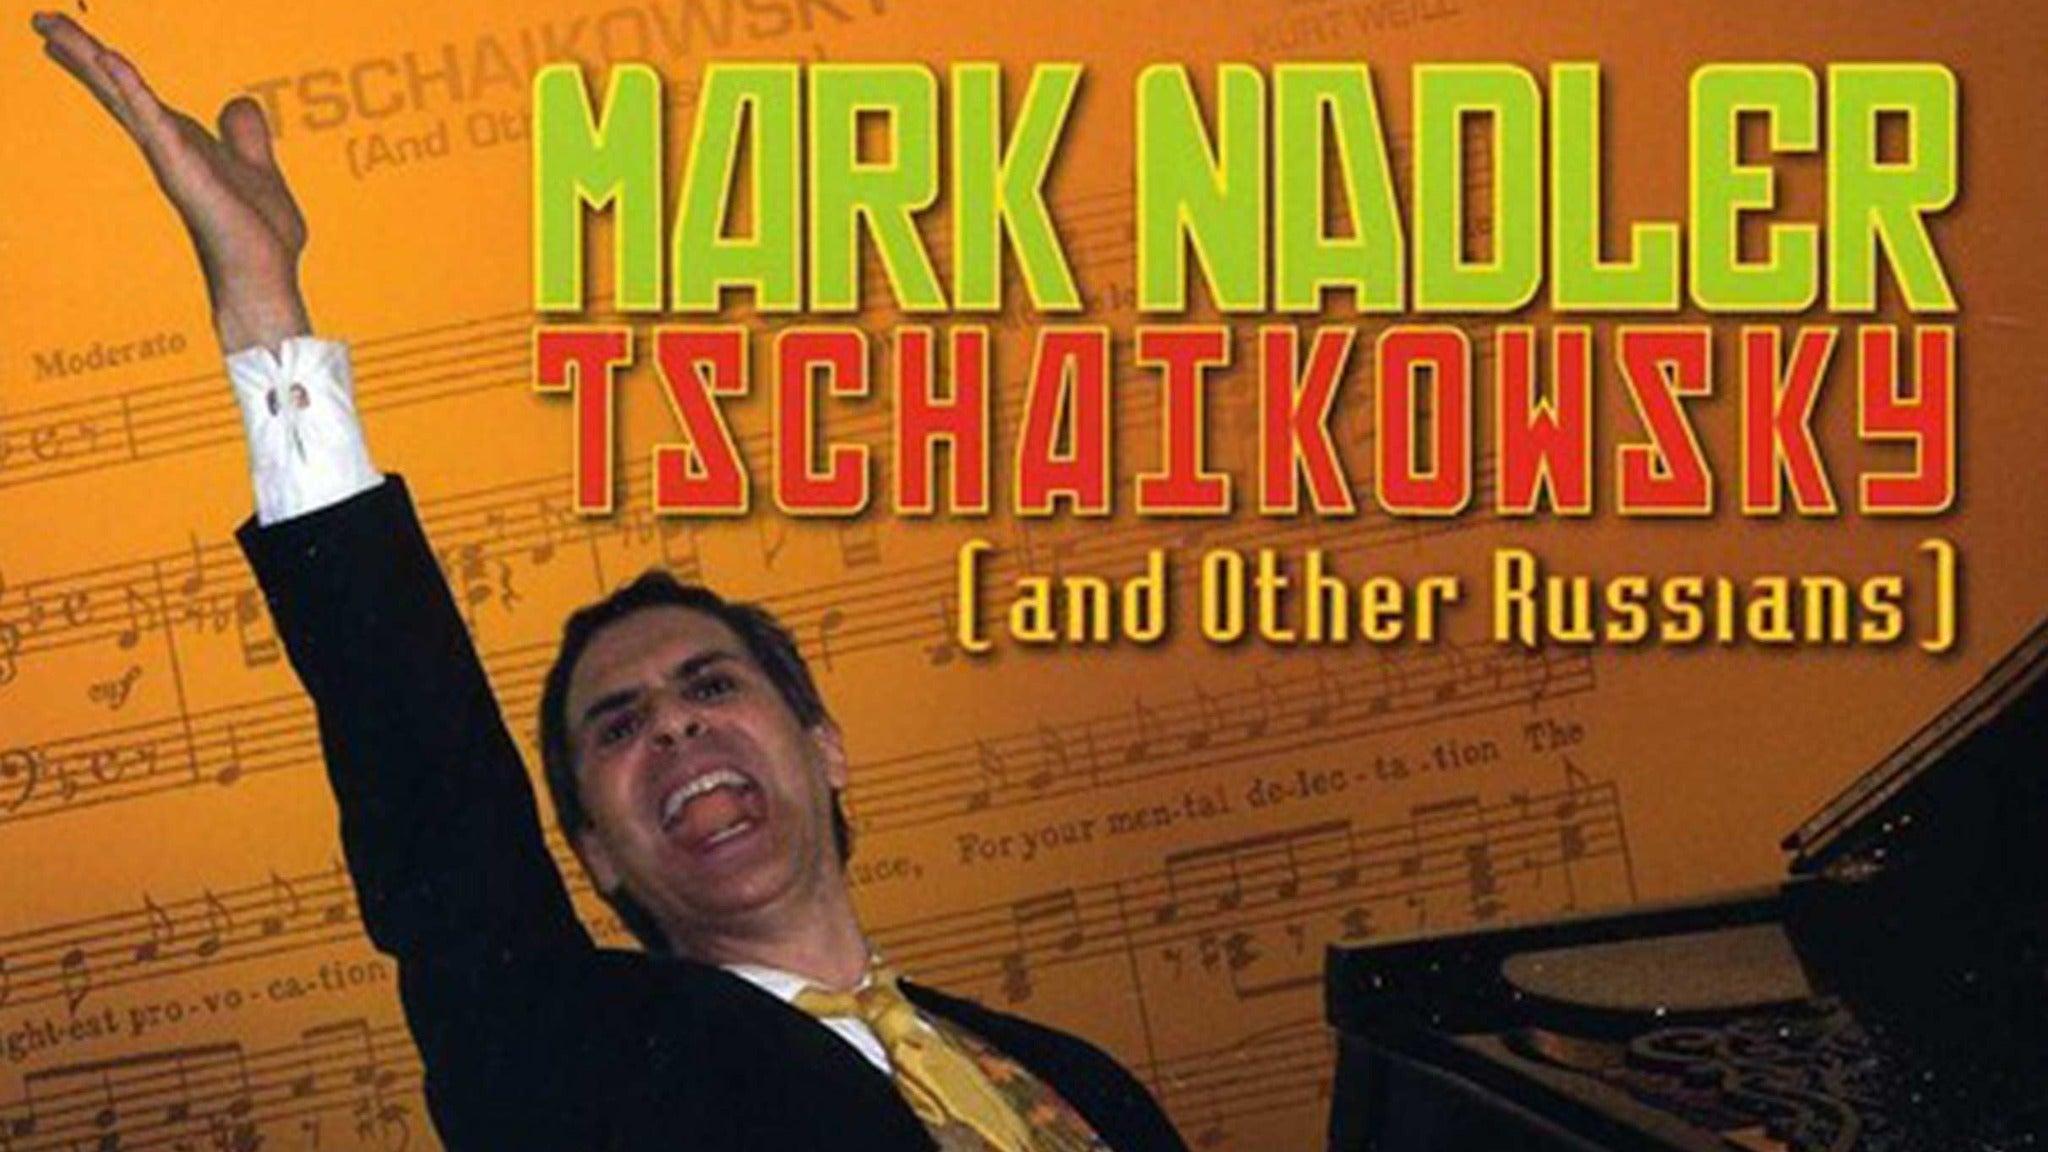 Mark Nadler: Tschaikowsky (and Other Russians) - Aventura, FL 33180